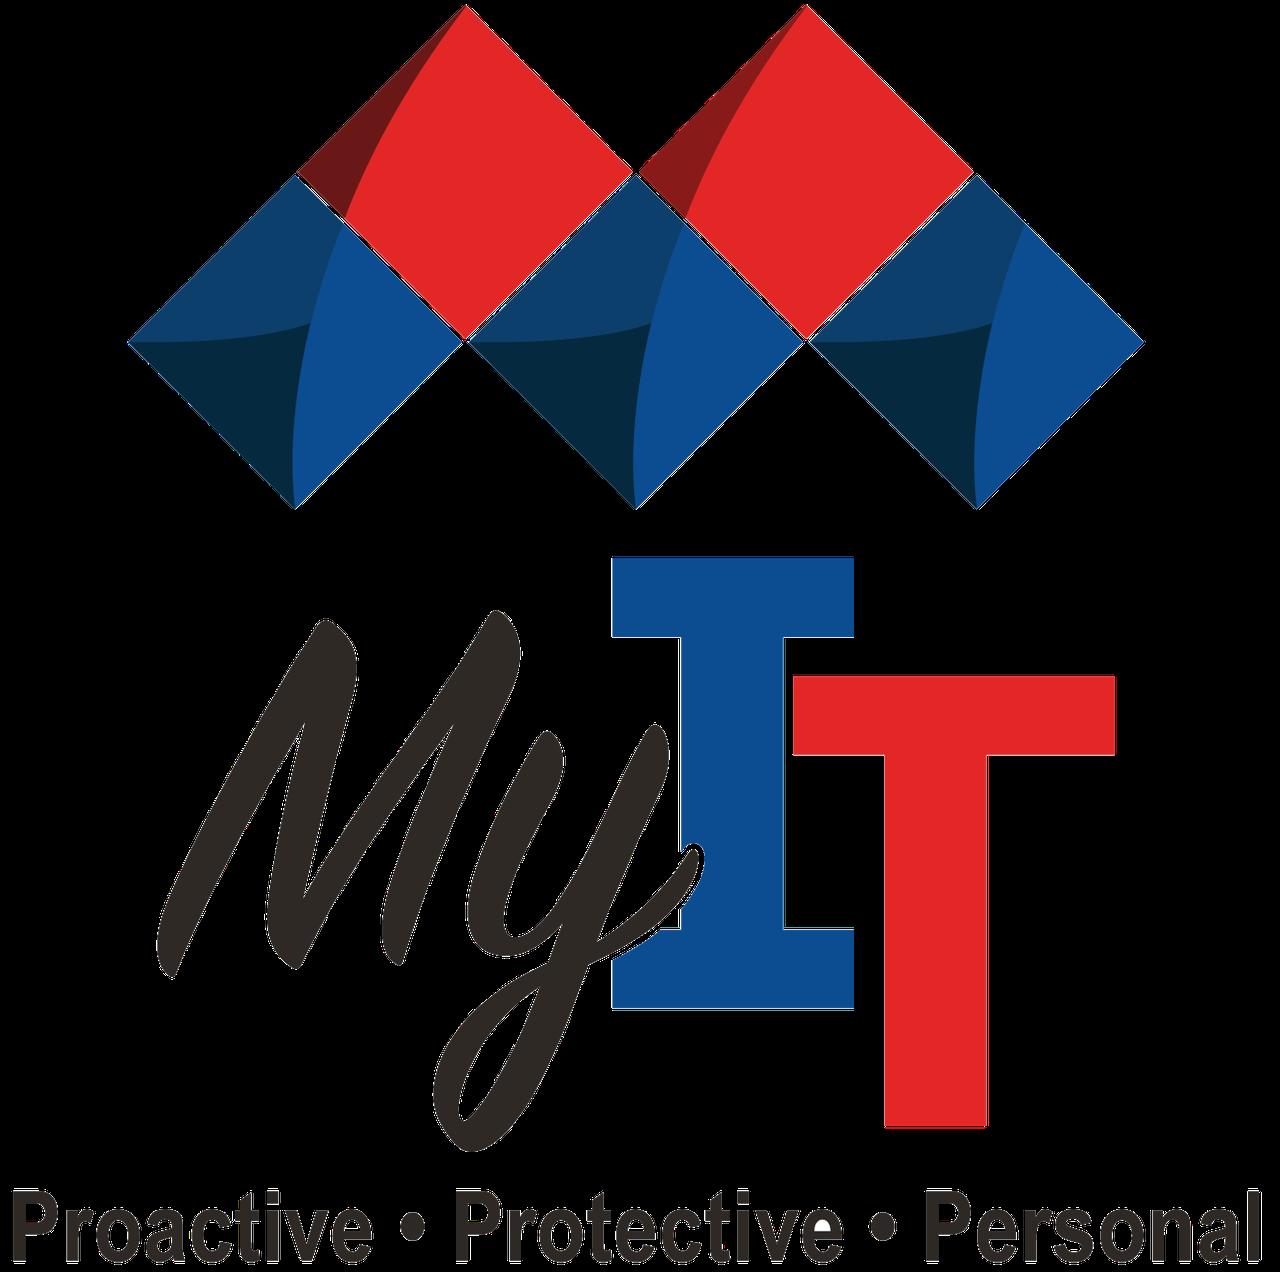 a1693c64-afdc-11e9-90f1-0242ac110003-myit_logo_2016.png